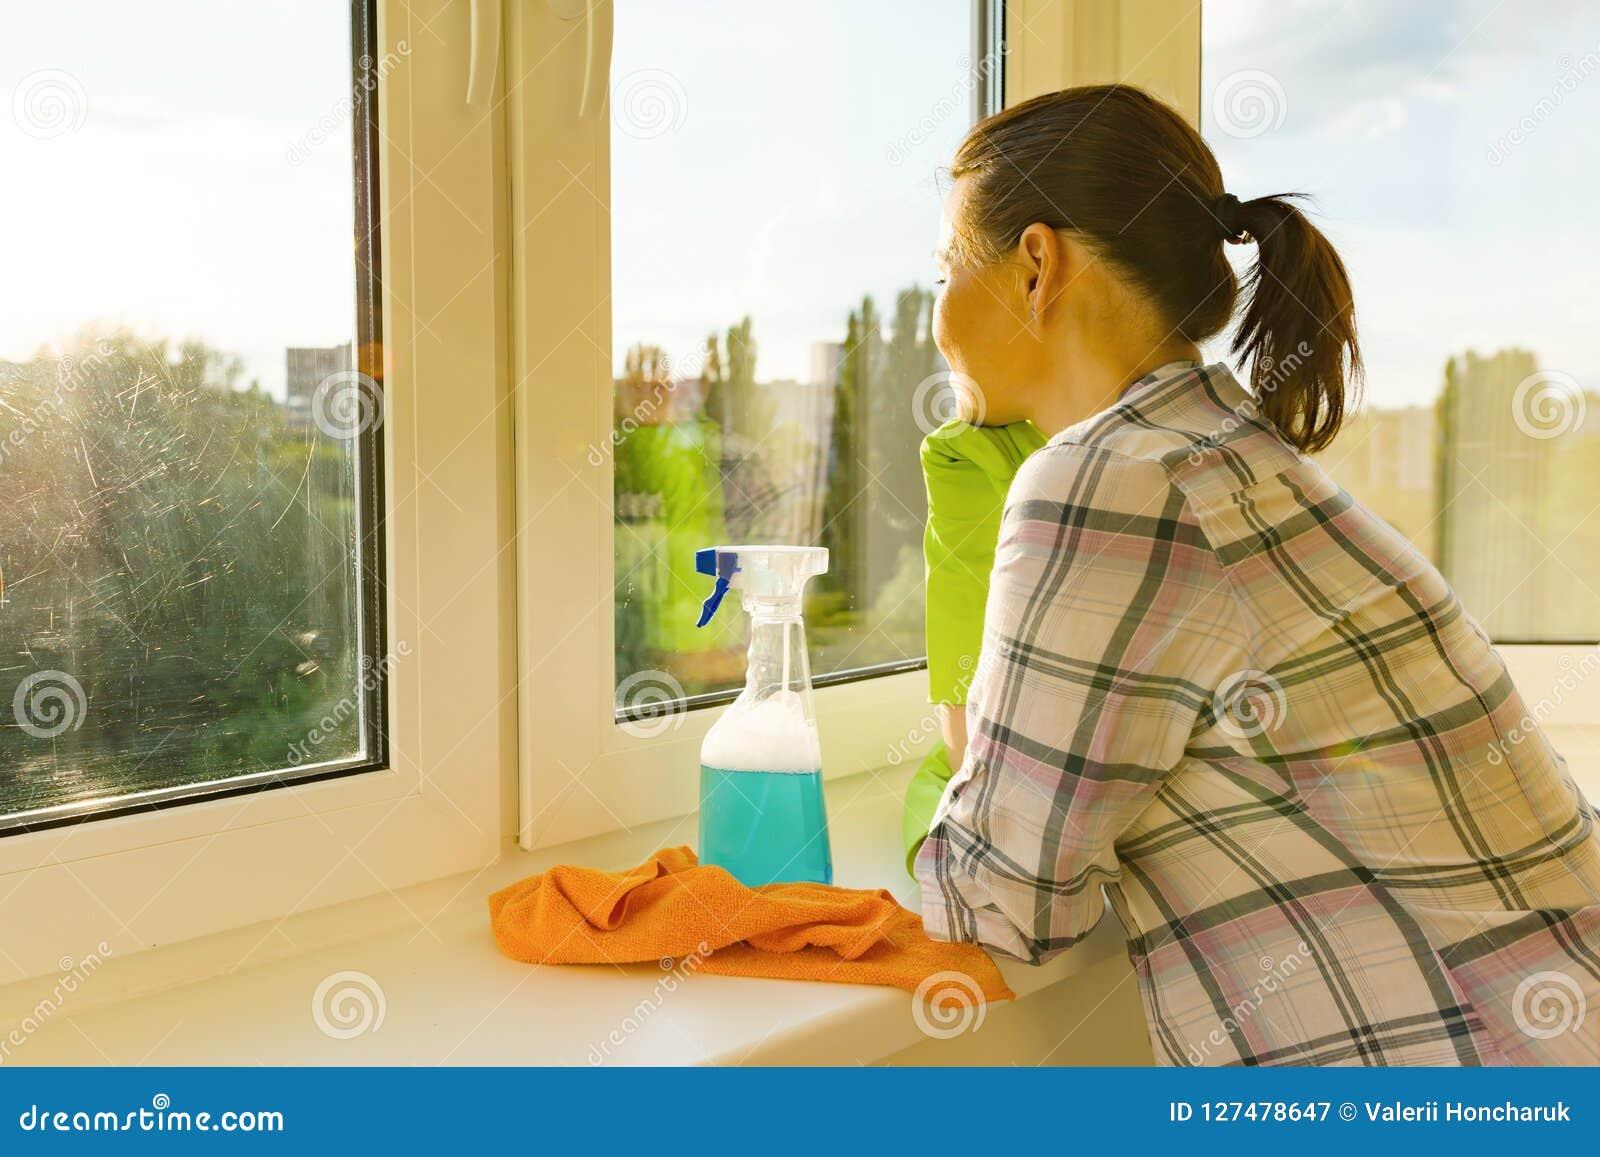 La donna adulta lava le finestre, pulenti la casa, femmina esamina una finestra lavata pulita